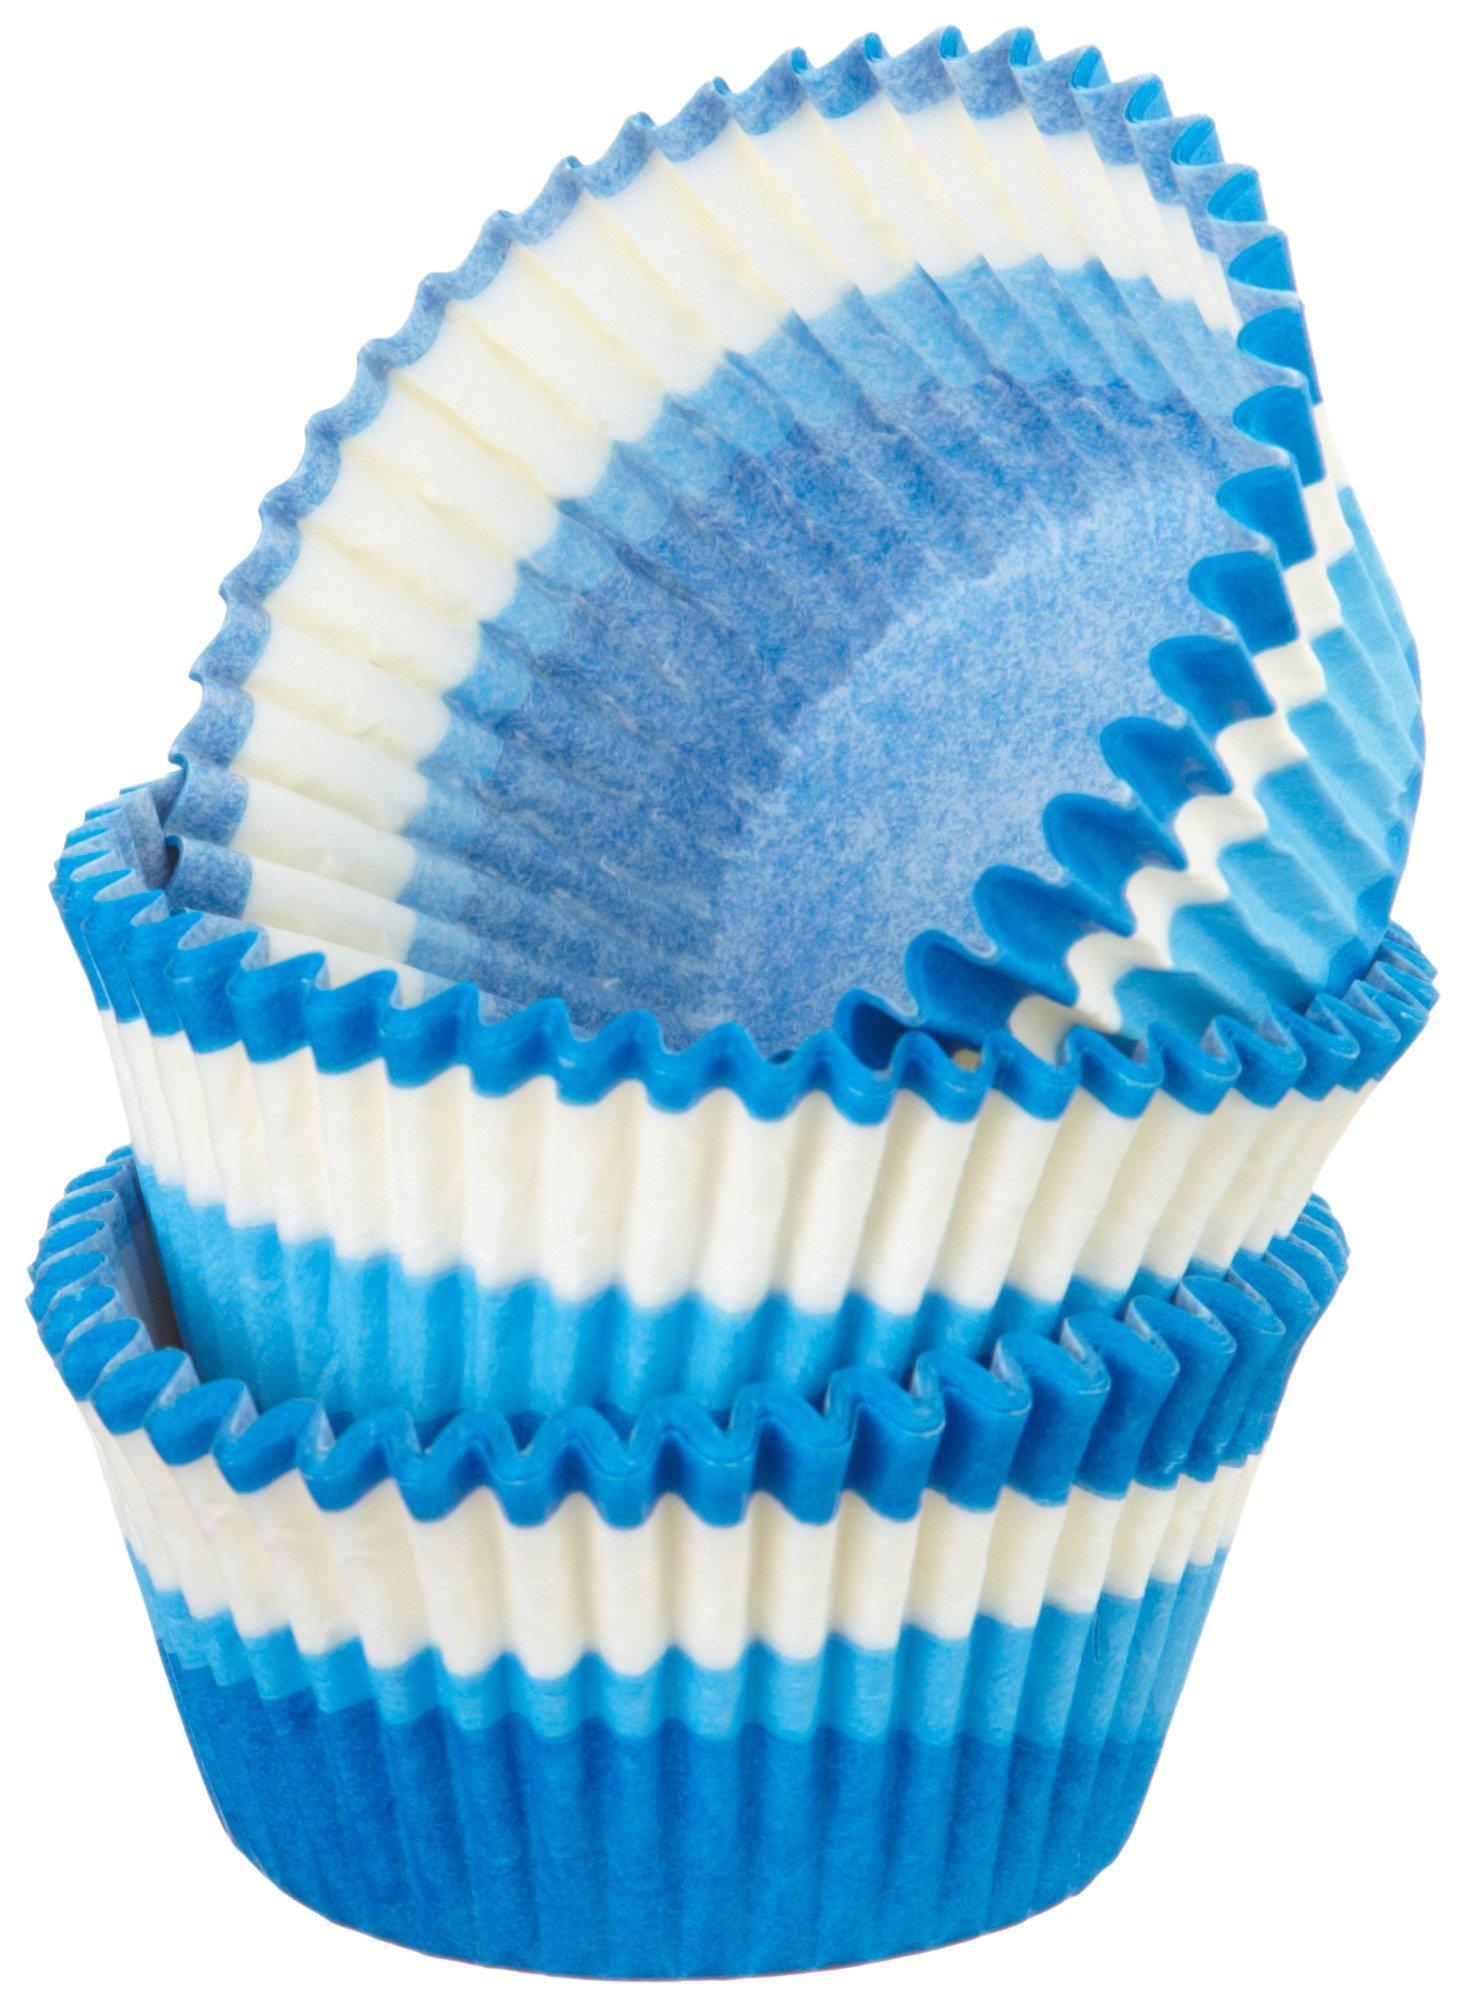 Regency Wraps Greaseproof Baking Cups, Blue Swirl, 40 count, Standard. by Regency Wraps (Image #1)